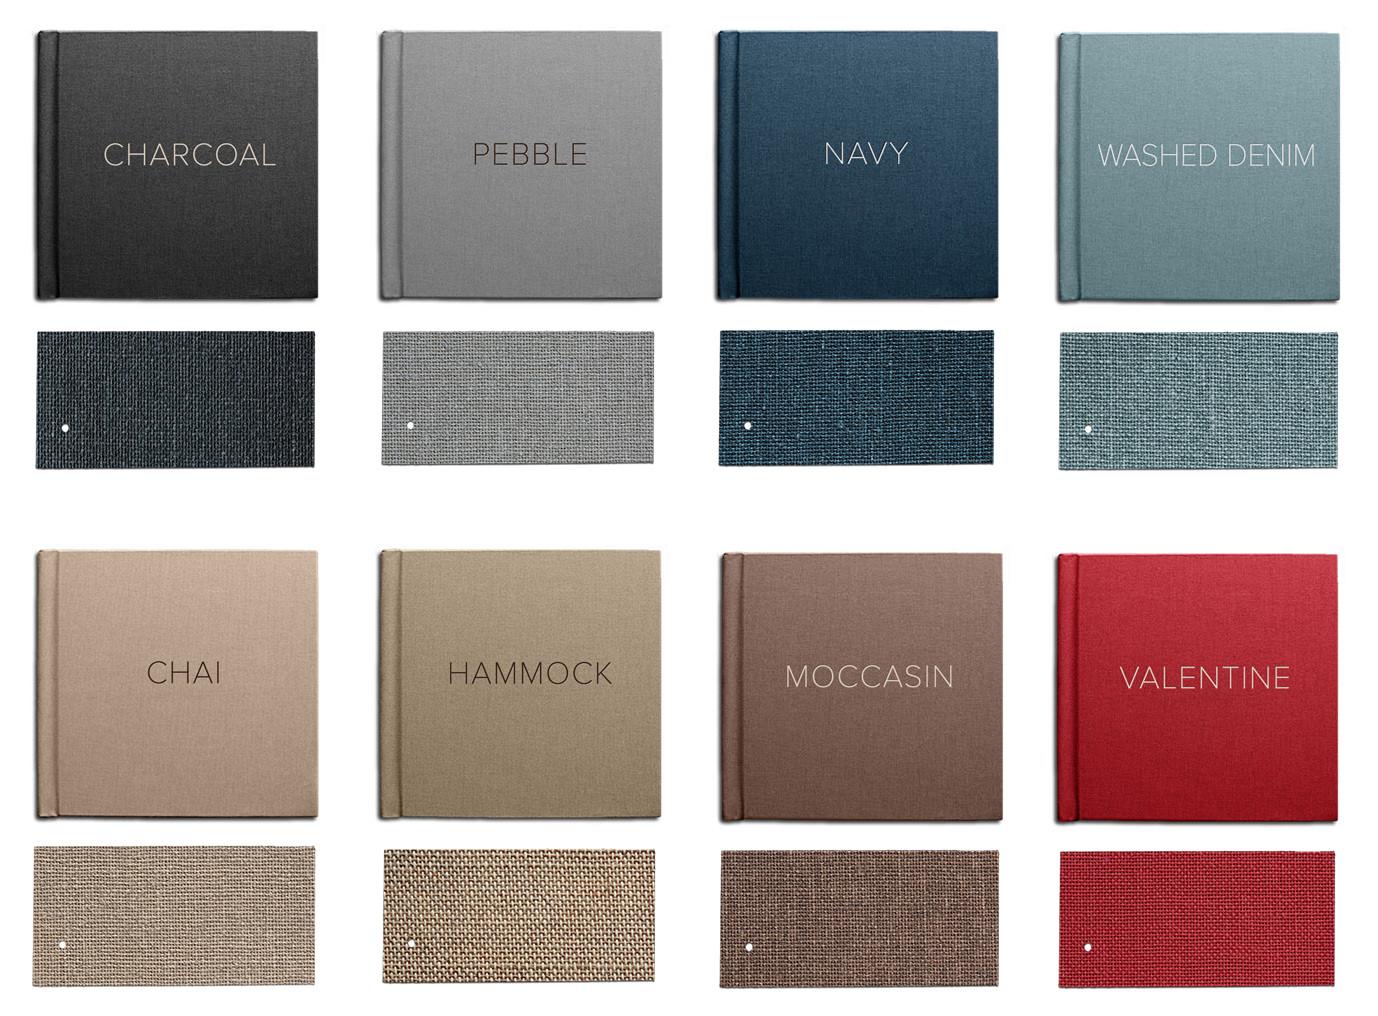 album swatch colors